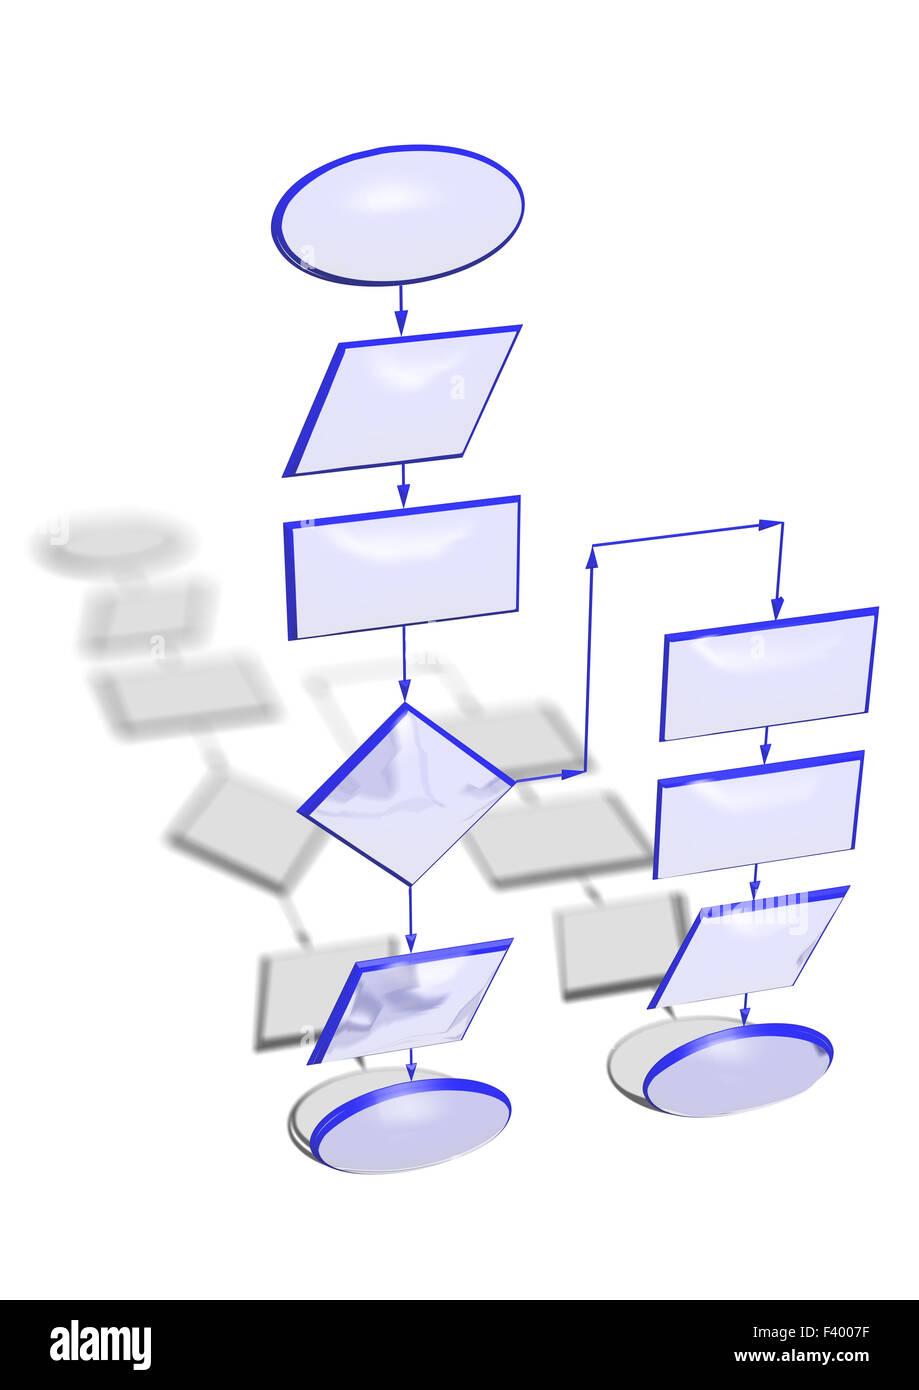 hight resolution of diagrama de flujo de vac o